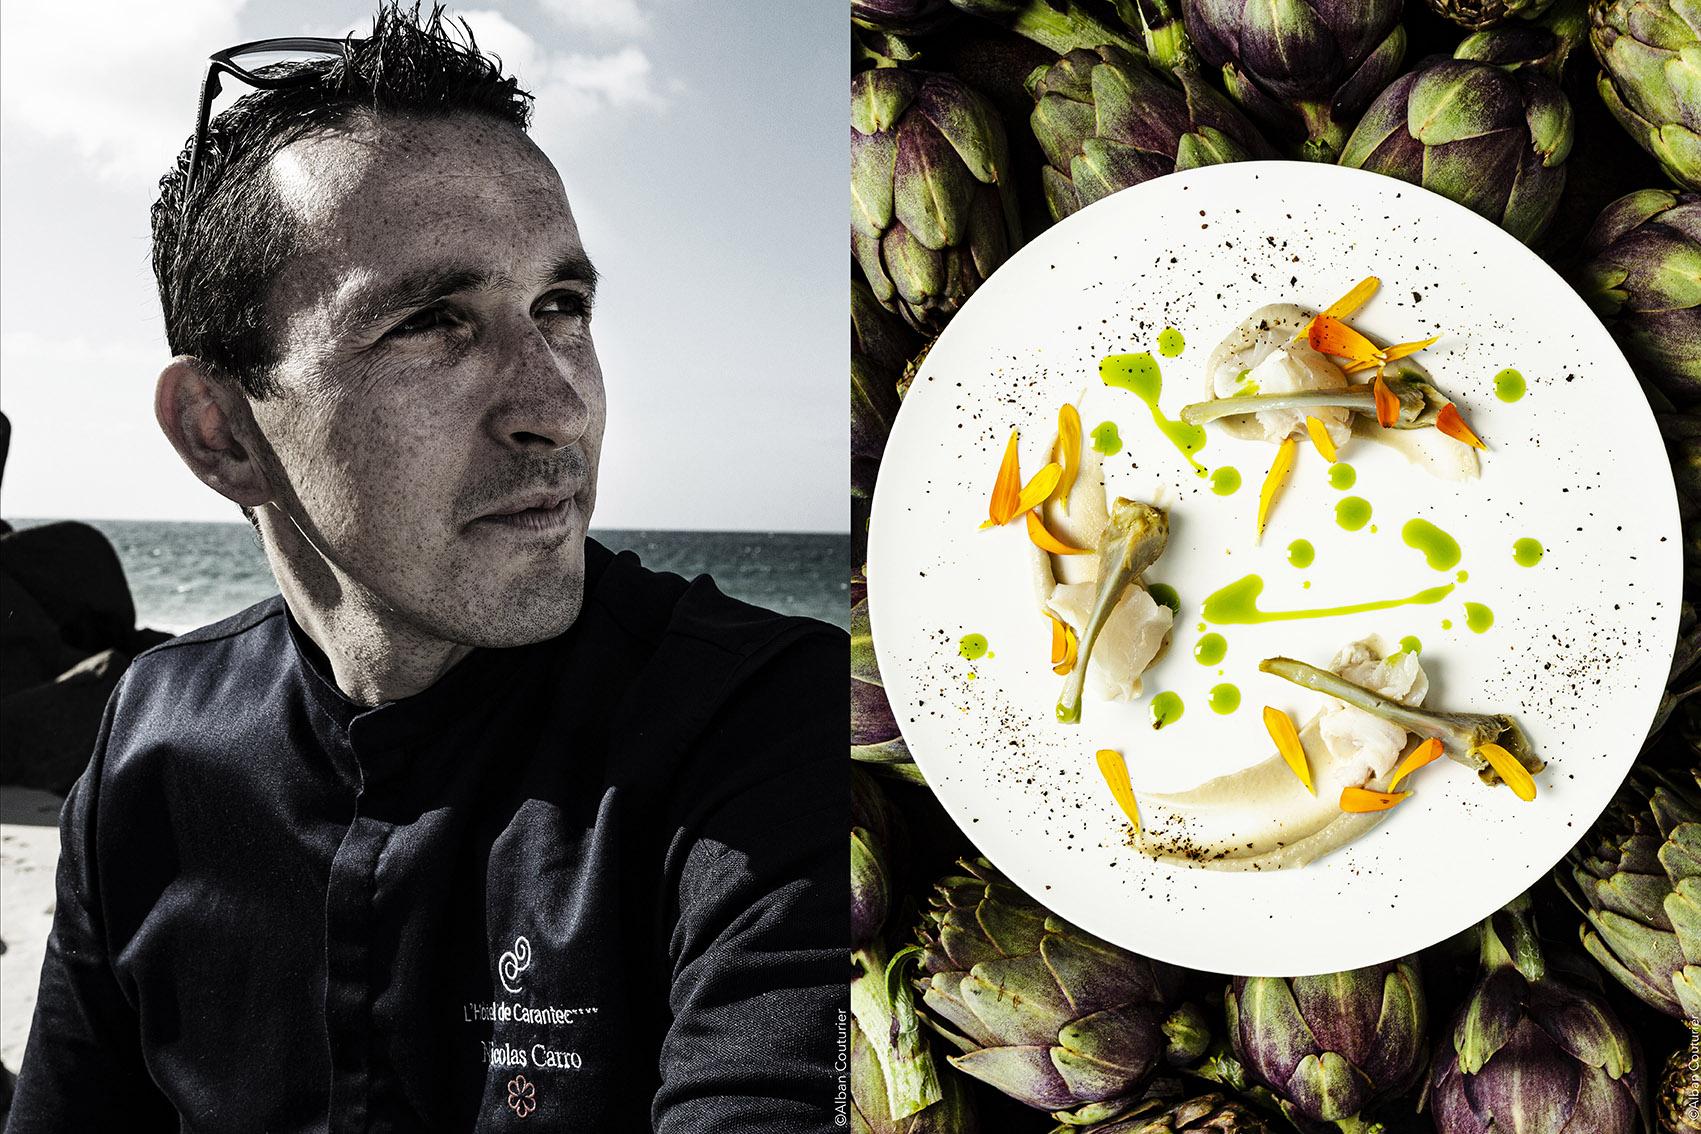 Chef et Ami Nicolas Carro, 1 etoile au guide Michelin, à Carantec, Bretagne. Le petit Violet de Carantec, Lieu Jaune de la baie acidulé, Jus de Barigoule aux algues.